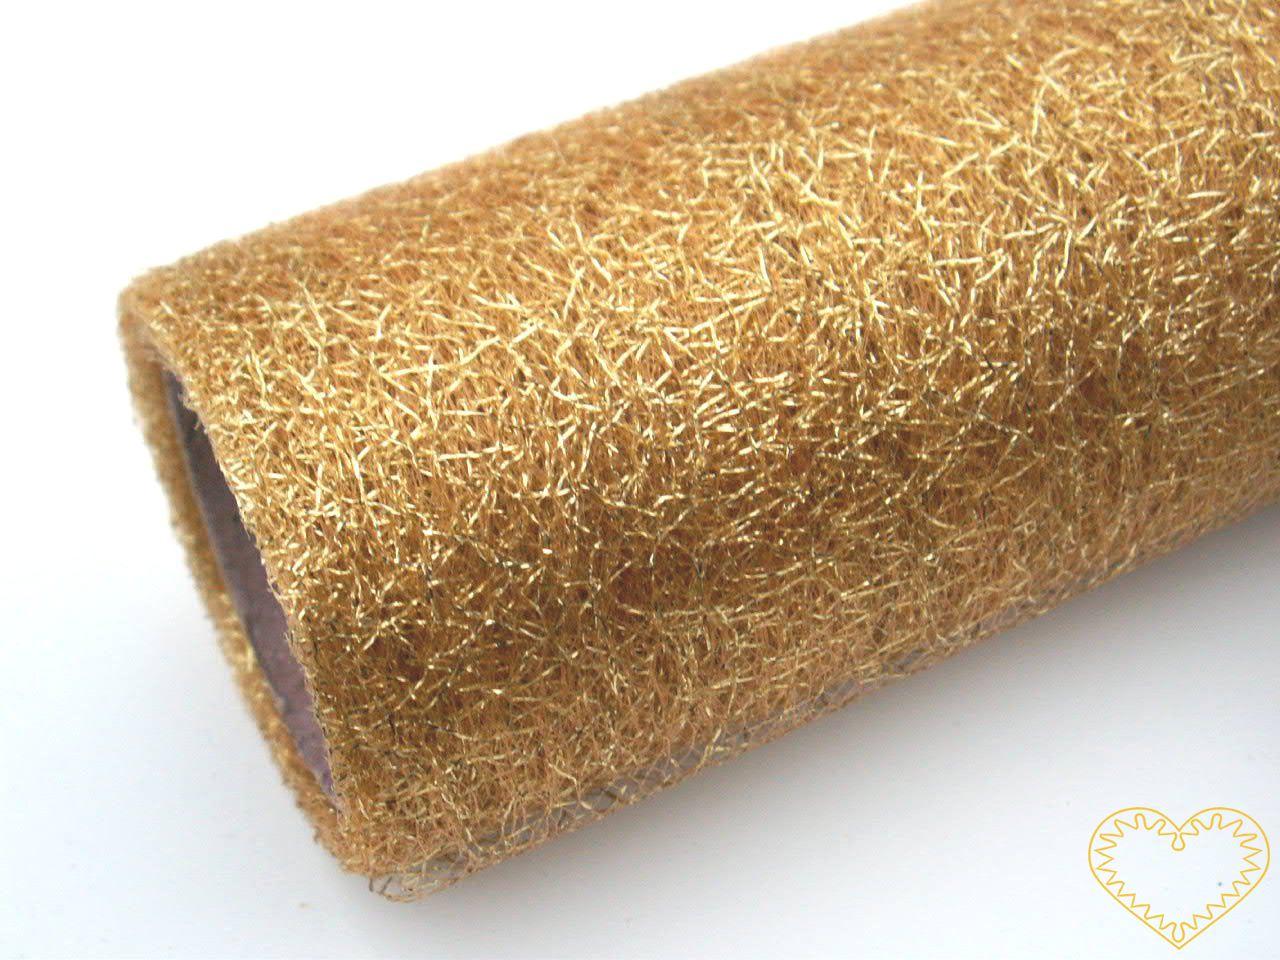 Zlatá pavučina - spider organza - šíře 39 cm, délka 5 m. Dekorační textilie je jemná látka, která vypadá jako pavučina. Díky svému lesku působí velmi slavnostně a elegantně. Velkou výhodou je, že se netřepí a snadno stříhá. Lze použít i na dekoraci ž